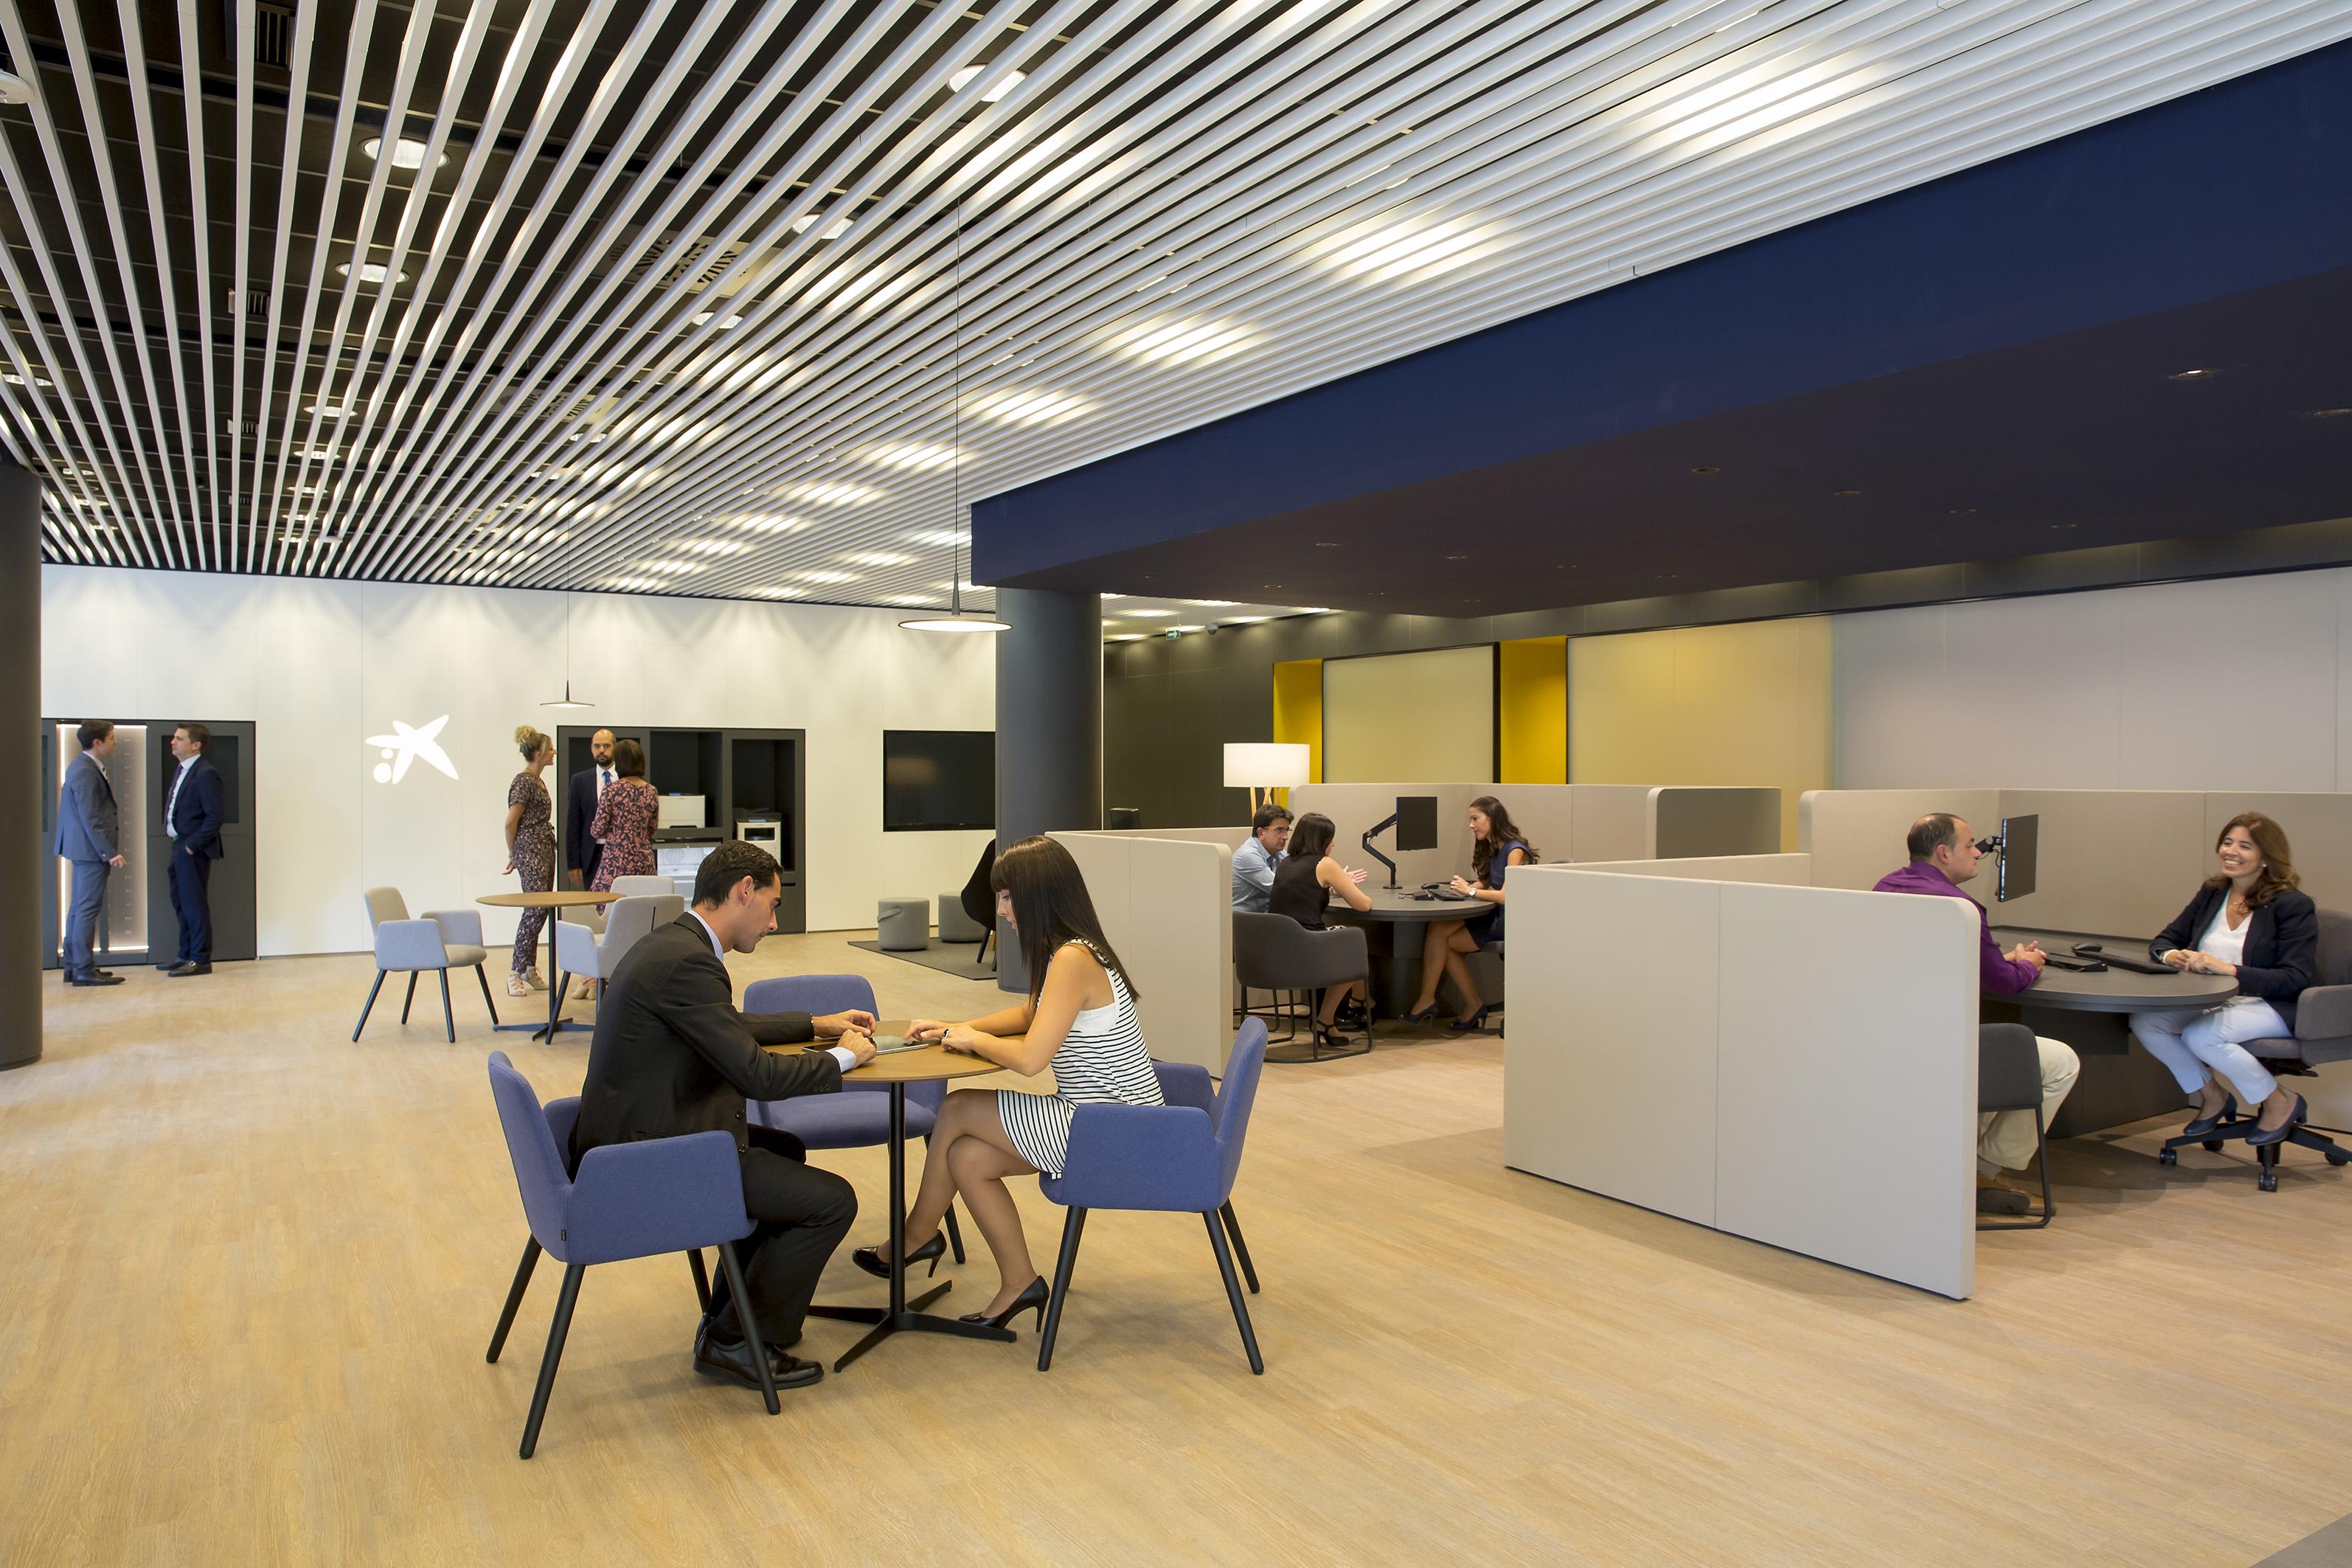 caixabank abre en pamplona y bara in dos oficinas del